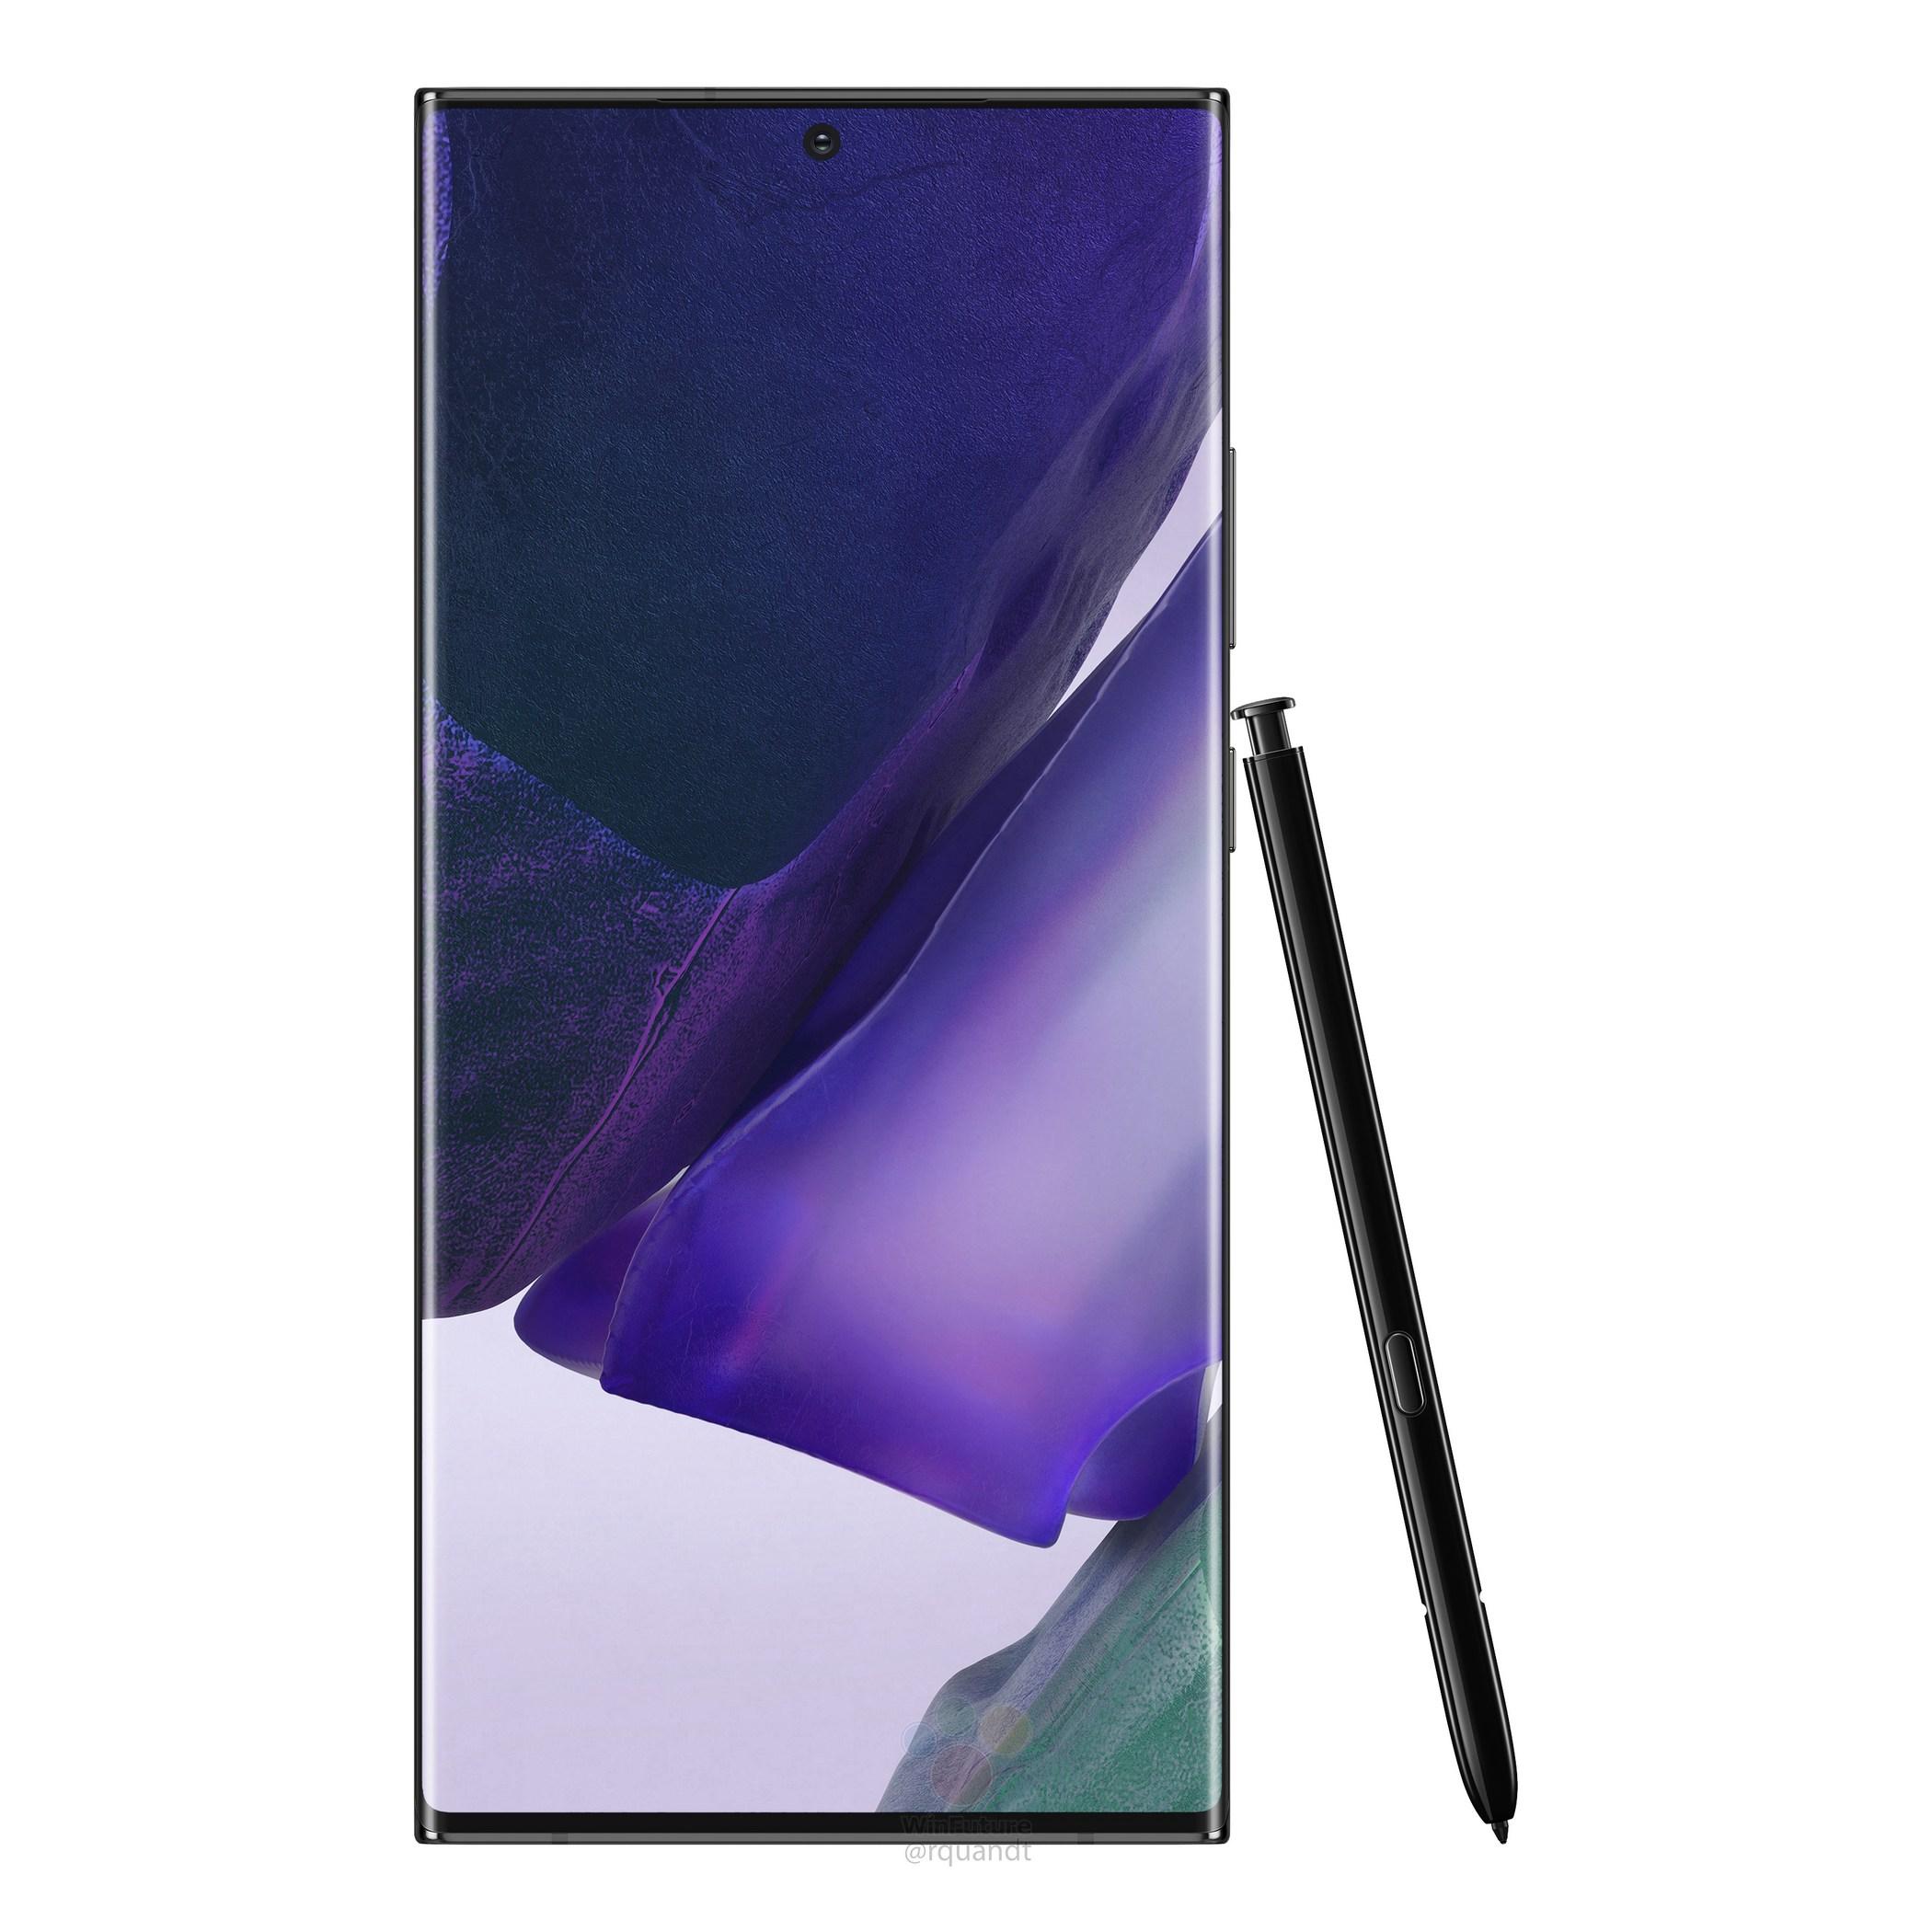 Samsung Galaxy Note 20 Ultra 5G rendery specyfikacja dane techniczne przecieki plotki wycieki rendery